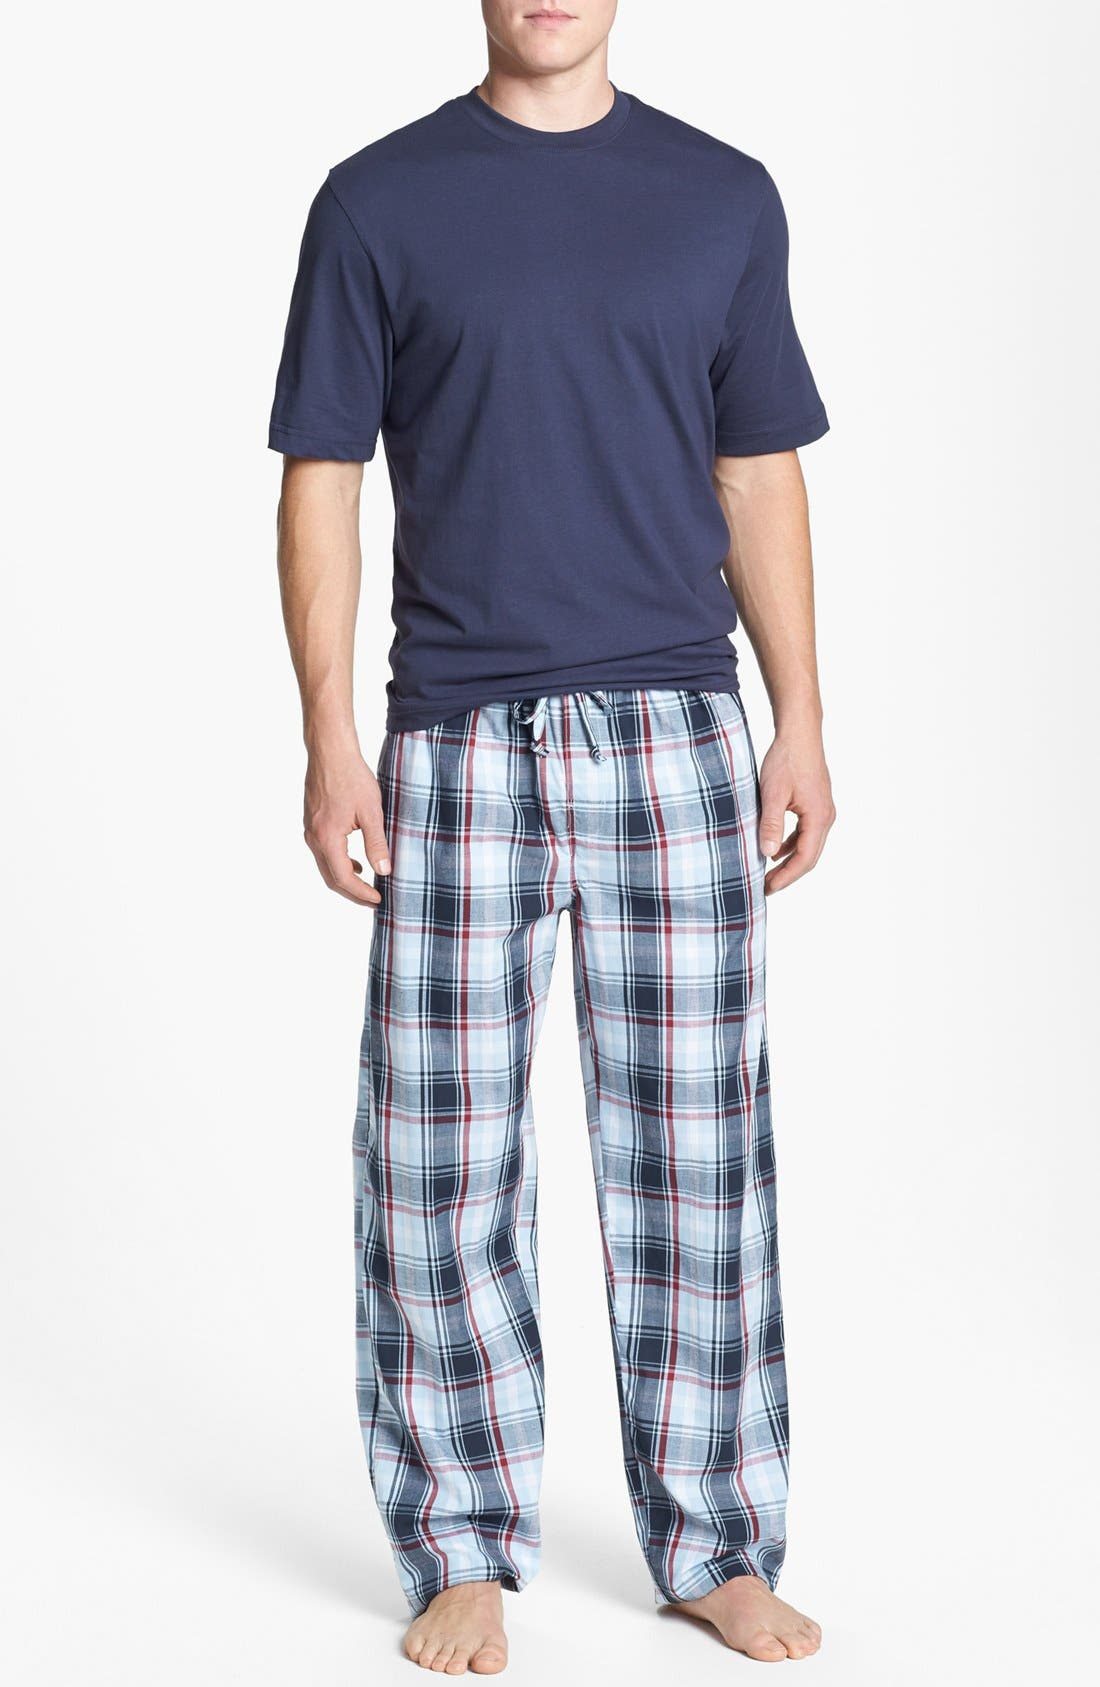 Main Image - Majestic International Cotton Pajamas